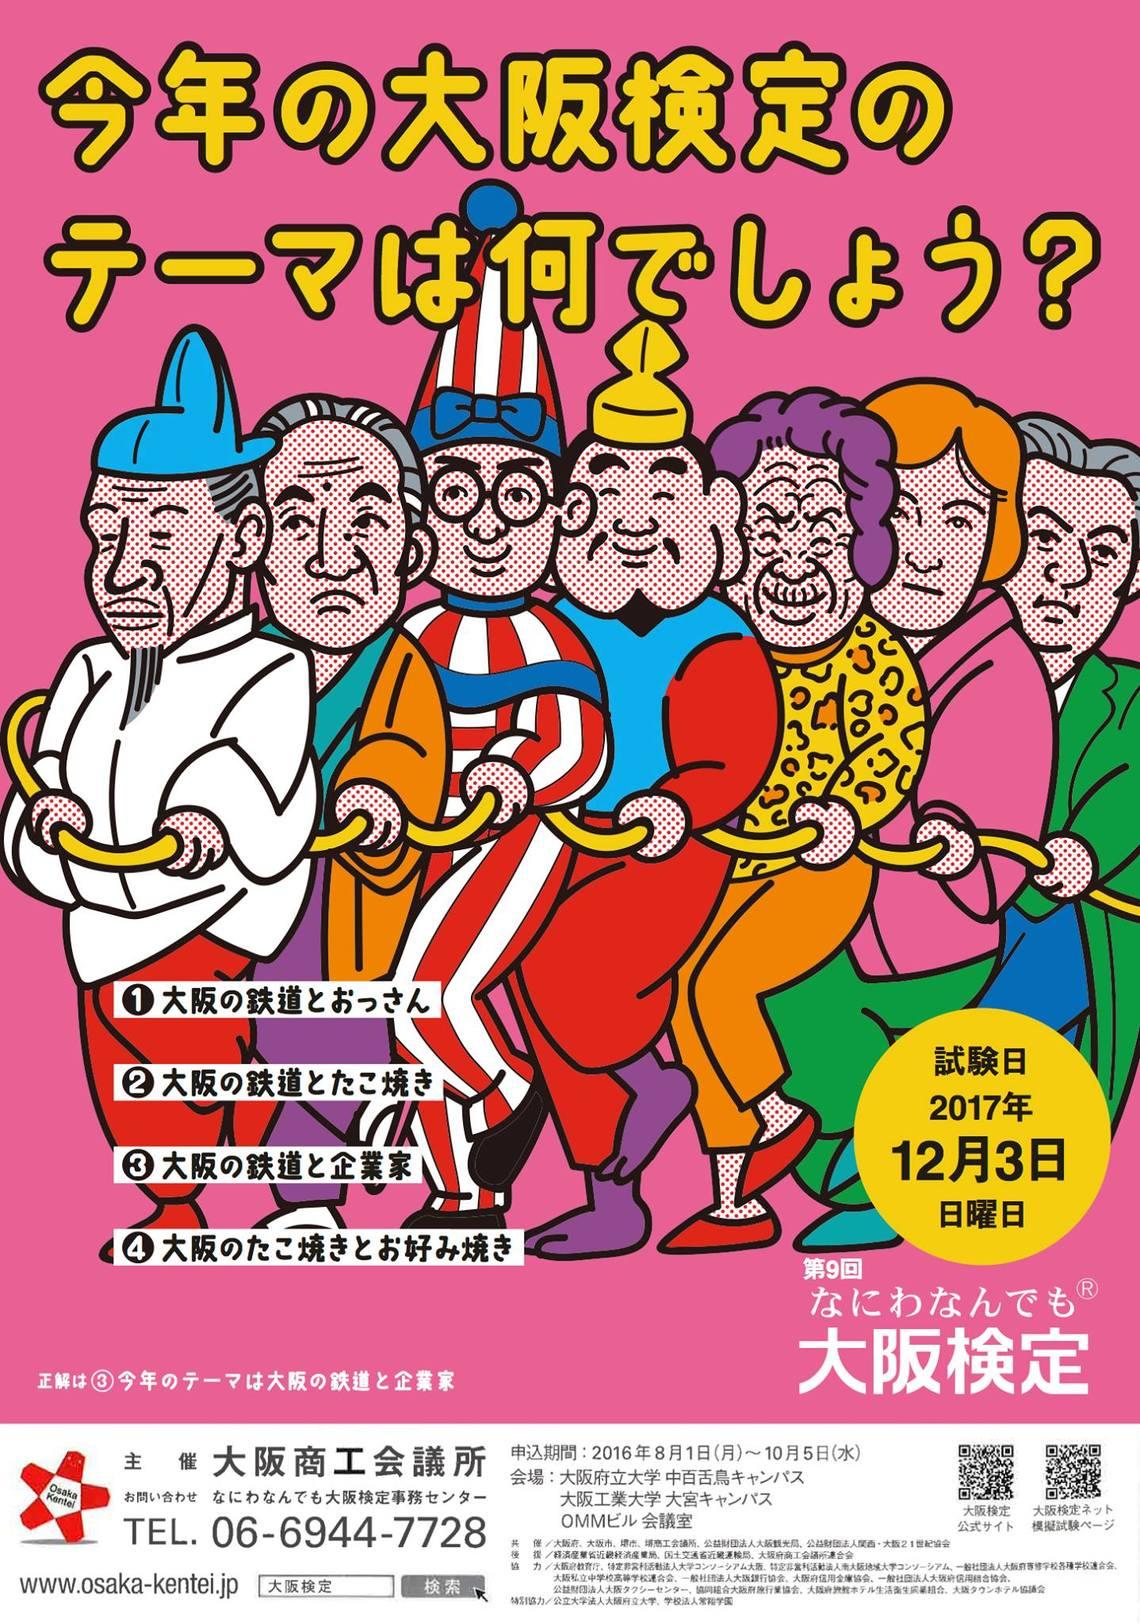 今年の大阪検定のテーマは何でしょう?